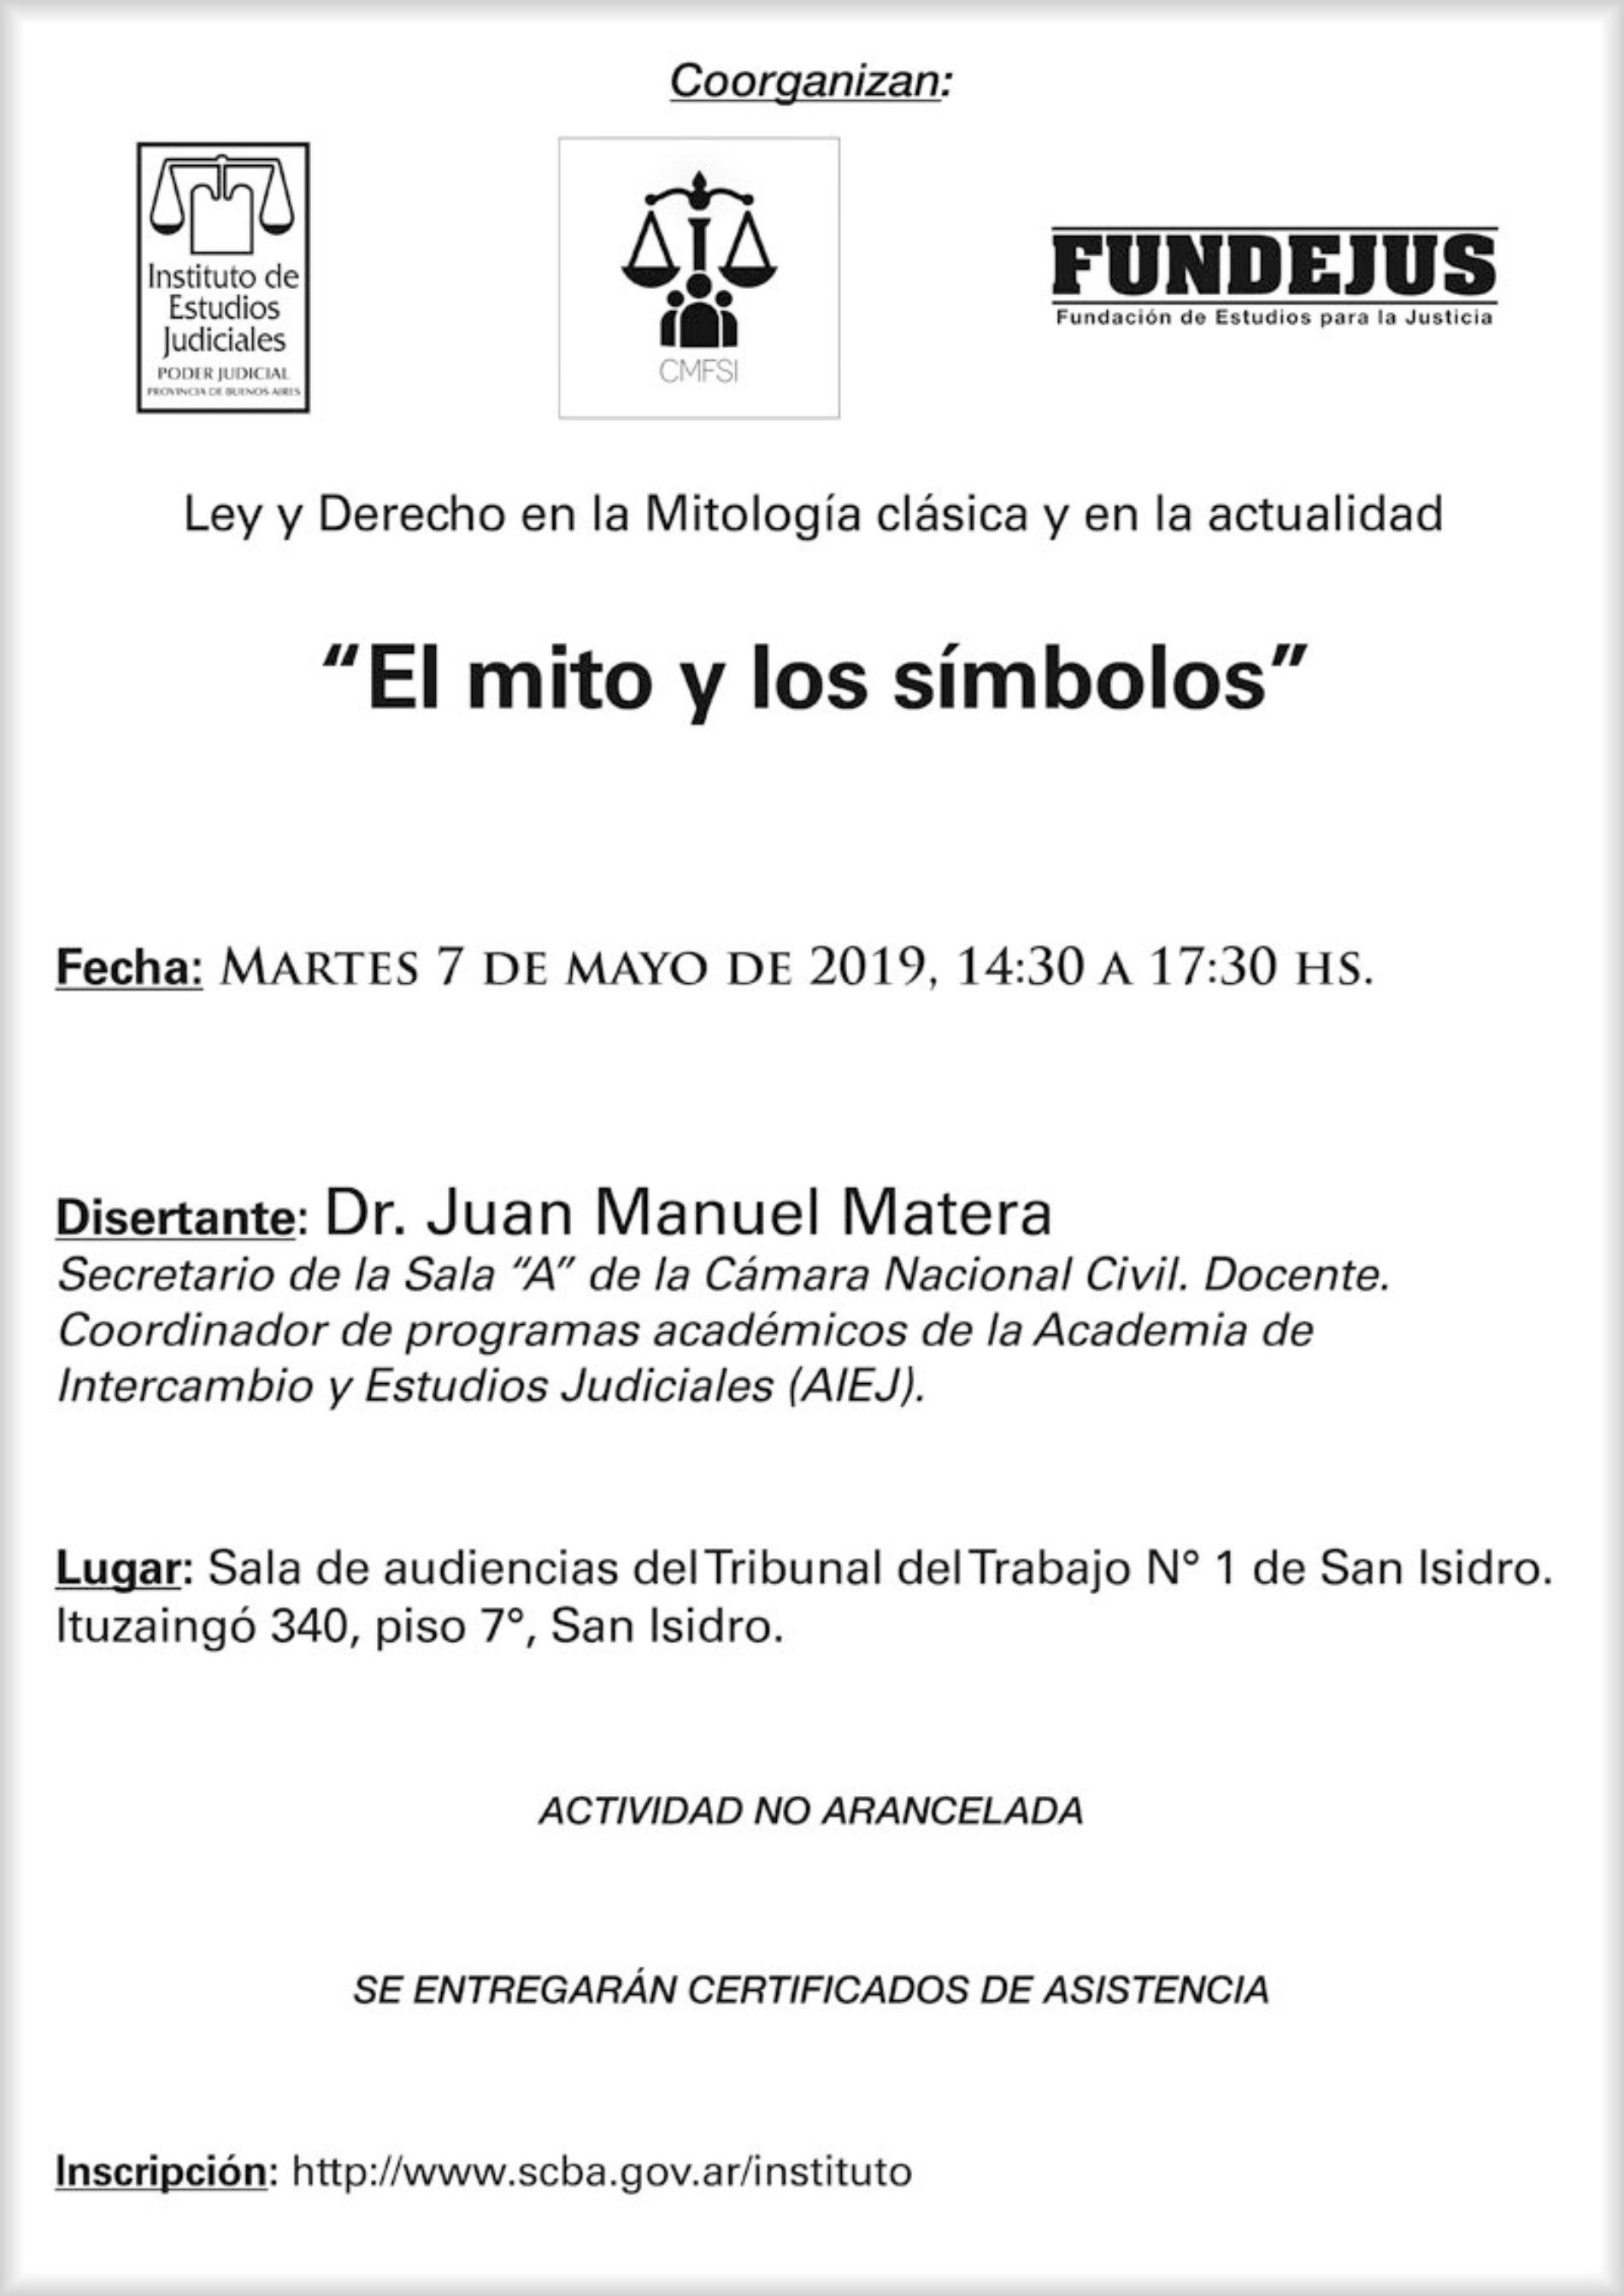 Ley y Derecho en la Mitología clásica y en la actualidad: «EL MITO Y LOS SÍMBOLOS»